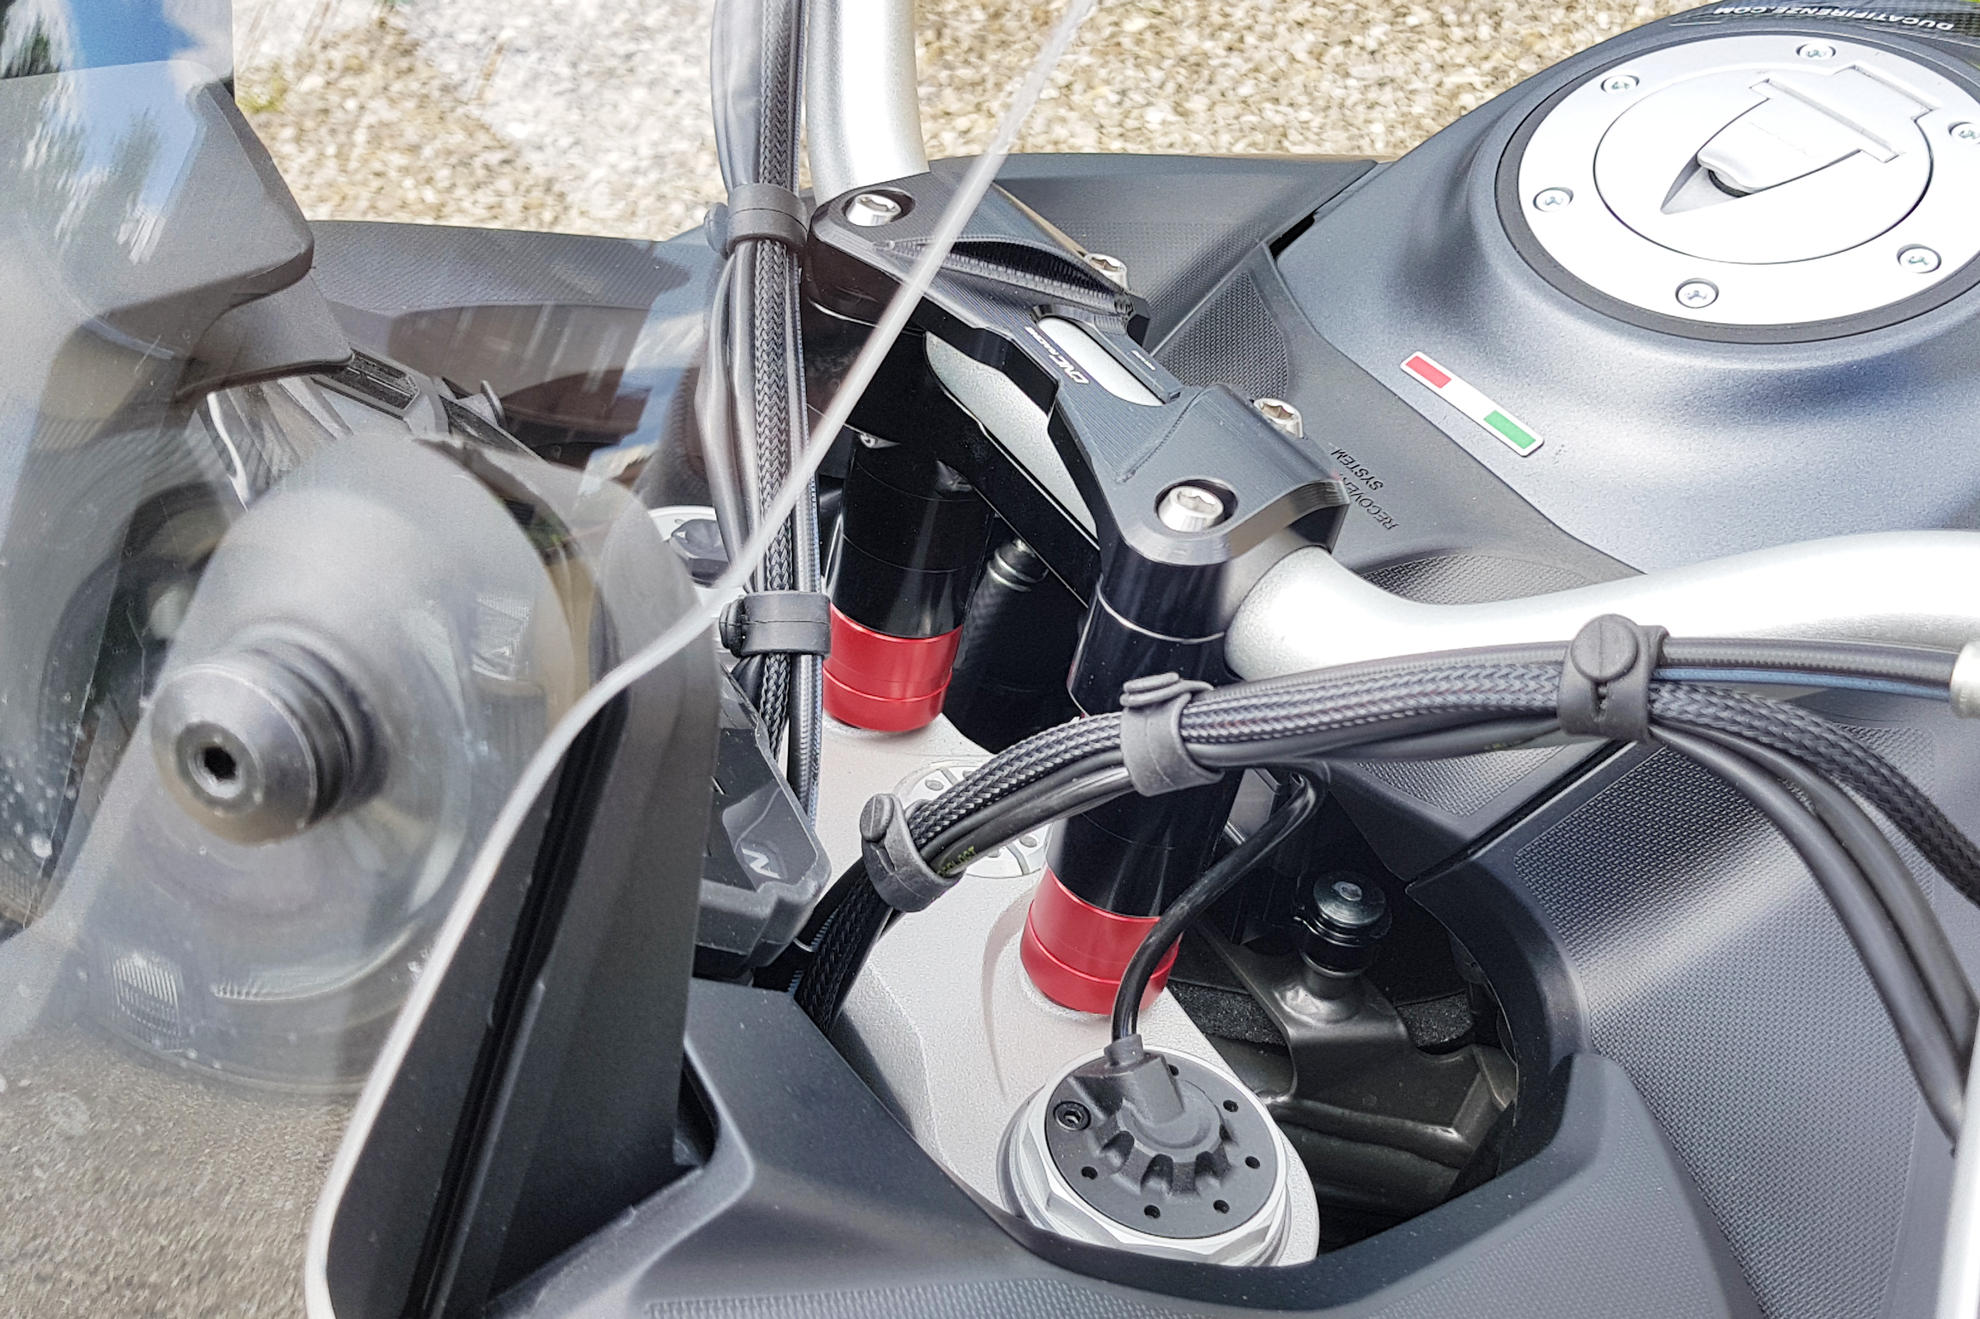 Bar Adaptor Spacers H 30mm Ducati Multistrada 950 1200 1260 Cnc Racing Wiring Diagram Bmw S1000rr